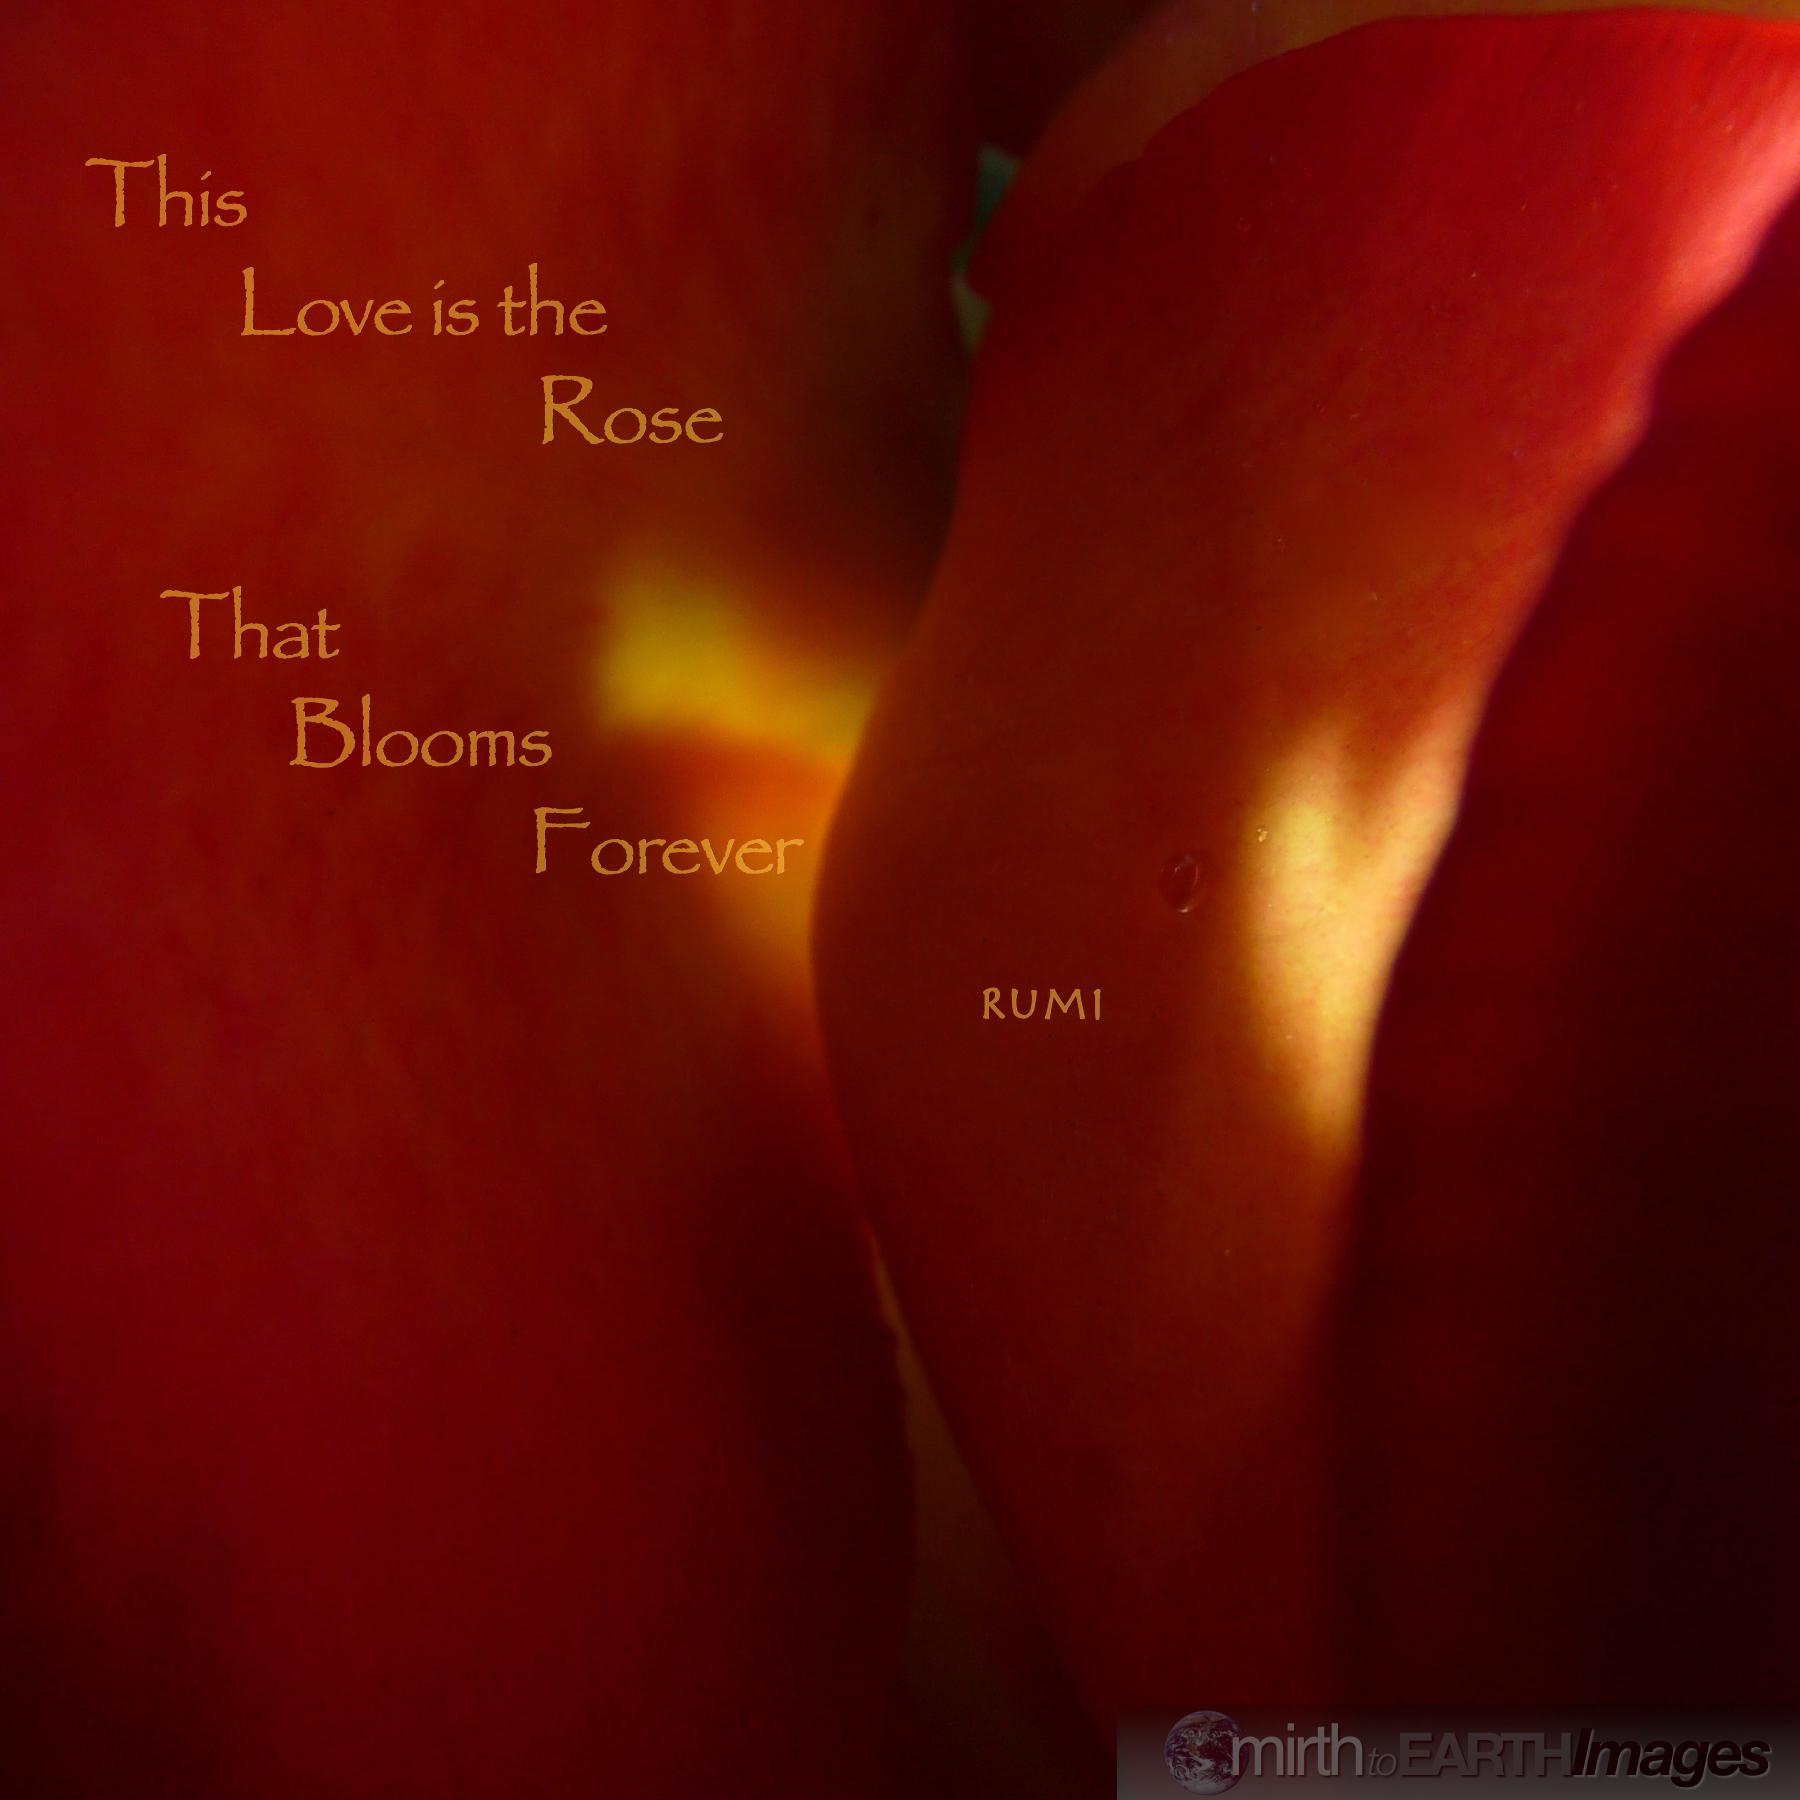 10x10 This Love.jpg